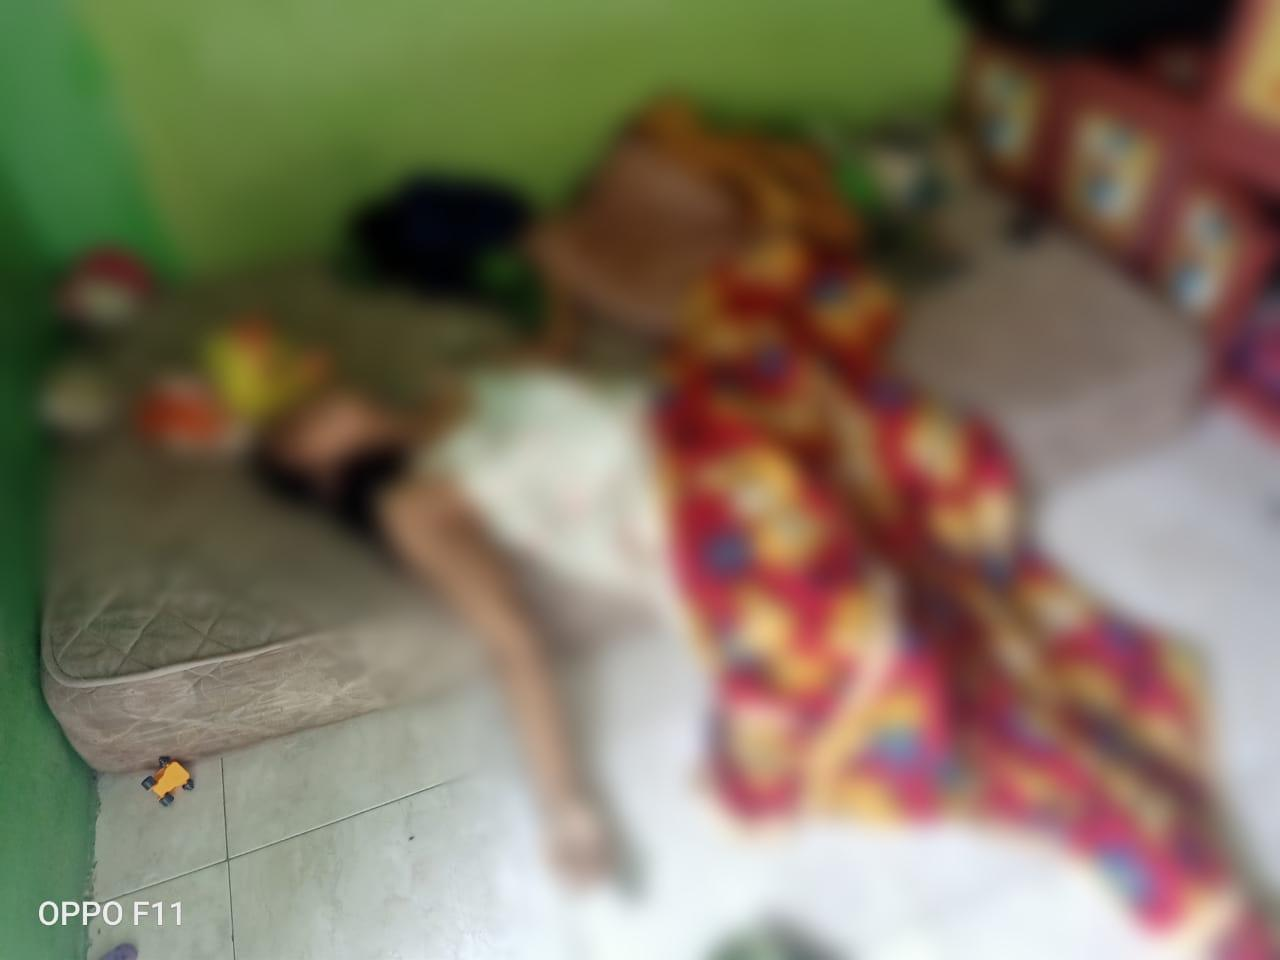 Balita Ini Terus Menangis Disamping Mayat Ibunya, Memancing Kedatangan Tetangga